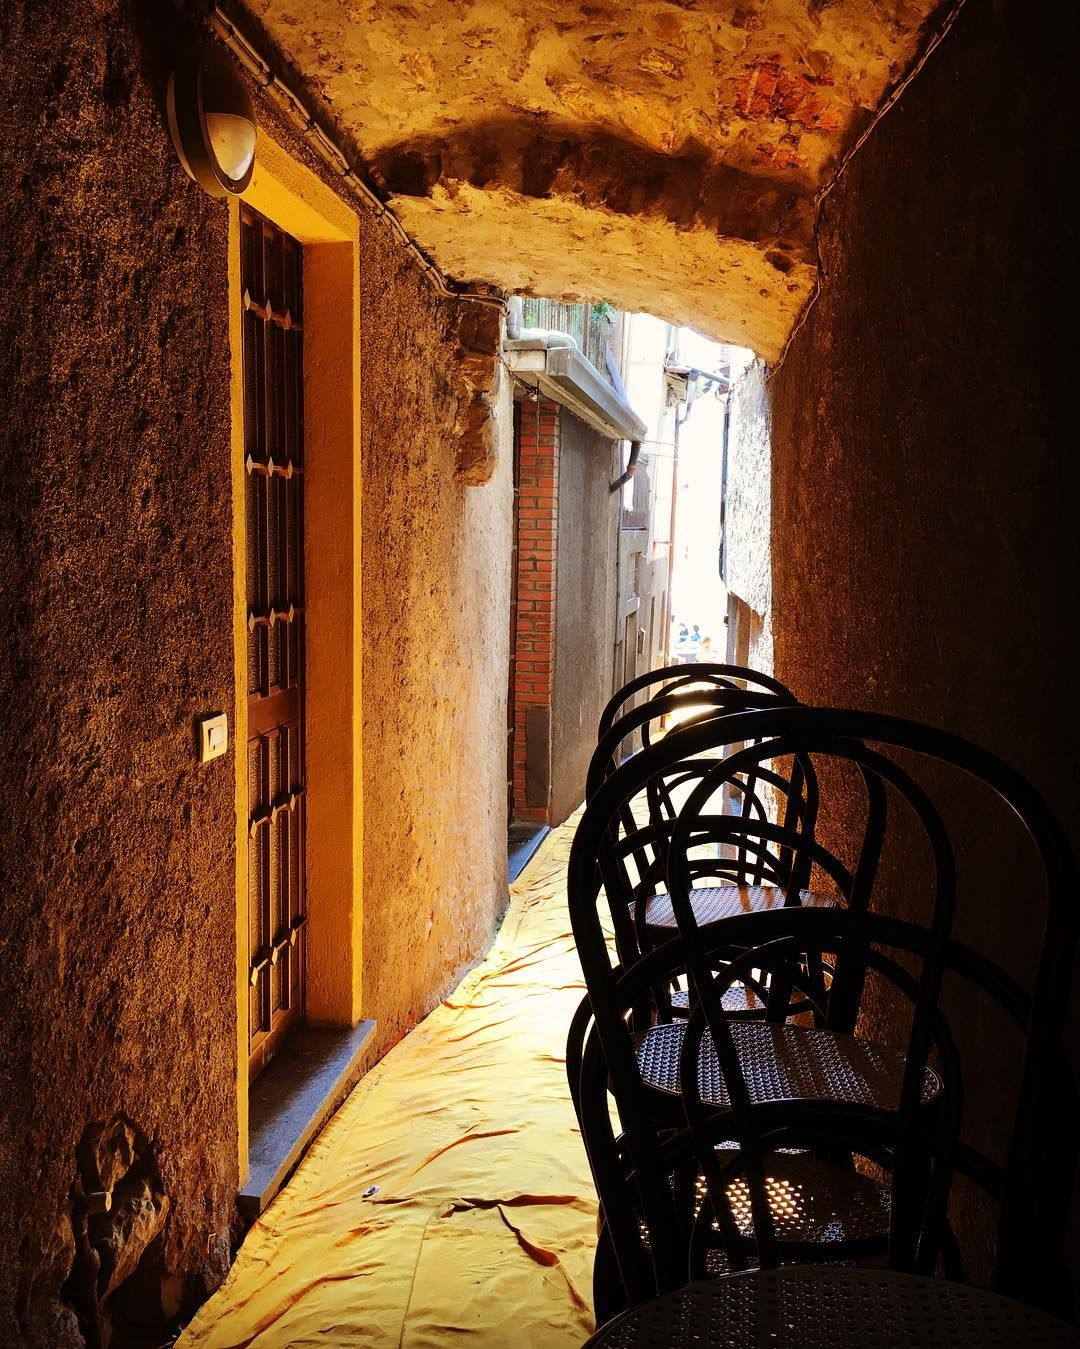 I vicoli di Montisola: scorci resi ancor più suggestivi dalla copertura giallo cangiante di #thefloatingpiers. Foto di Martina Parravicini